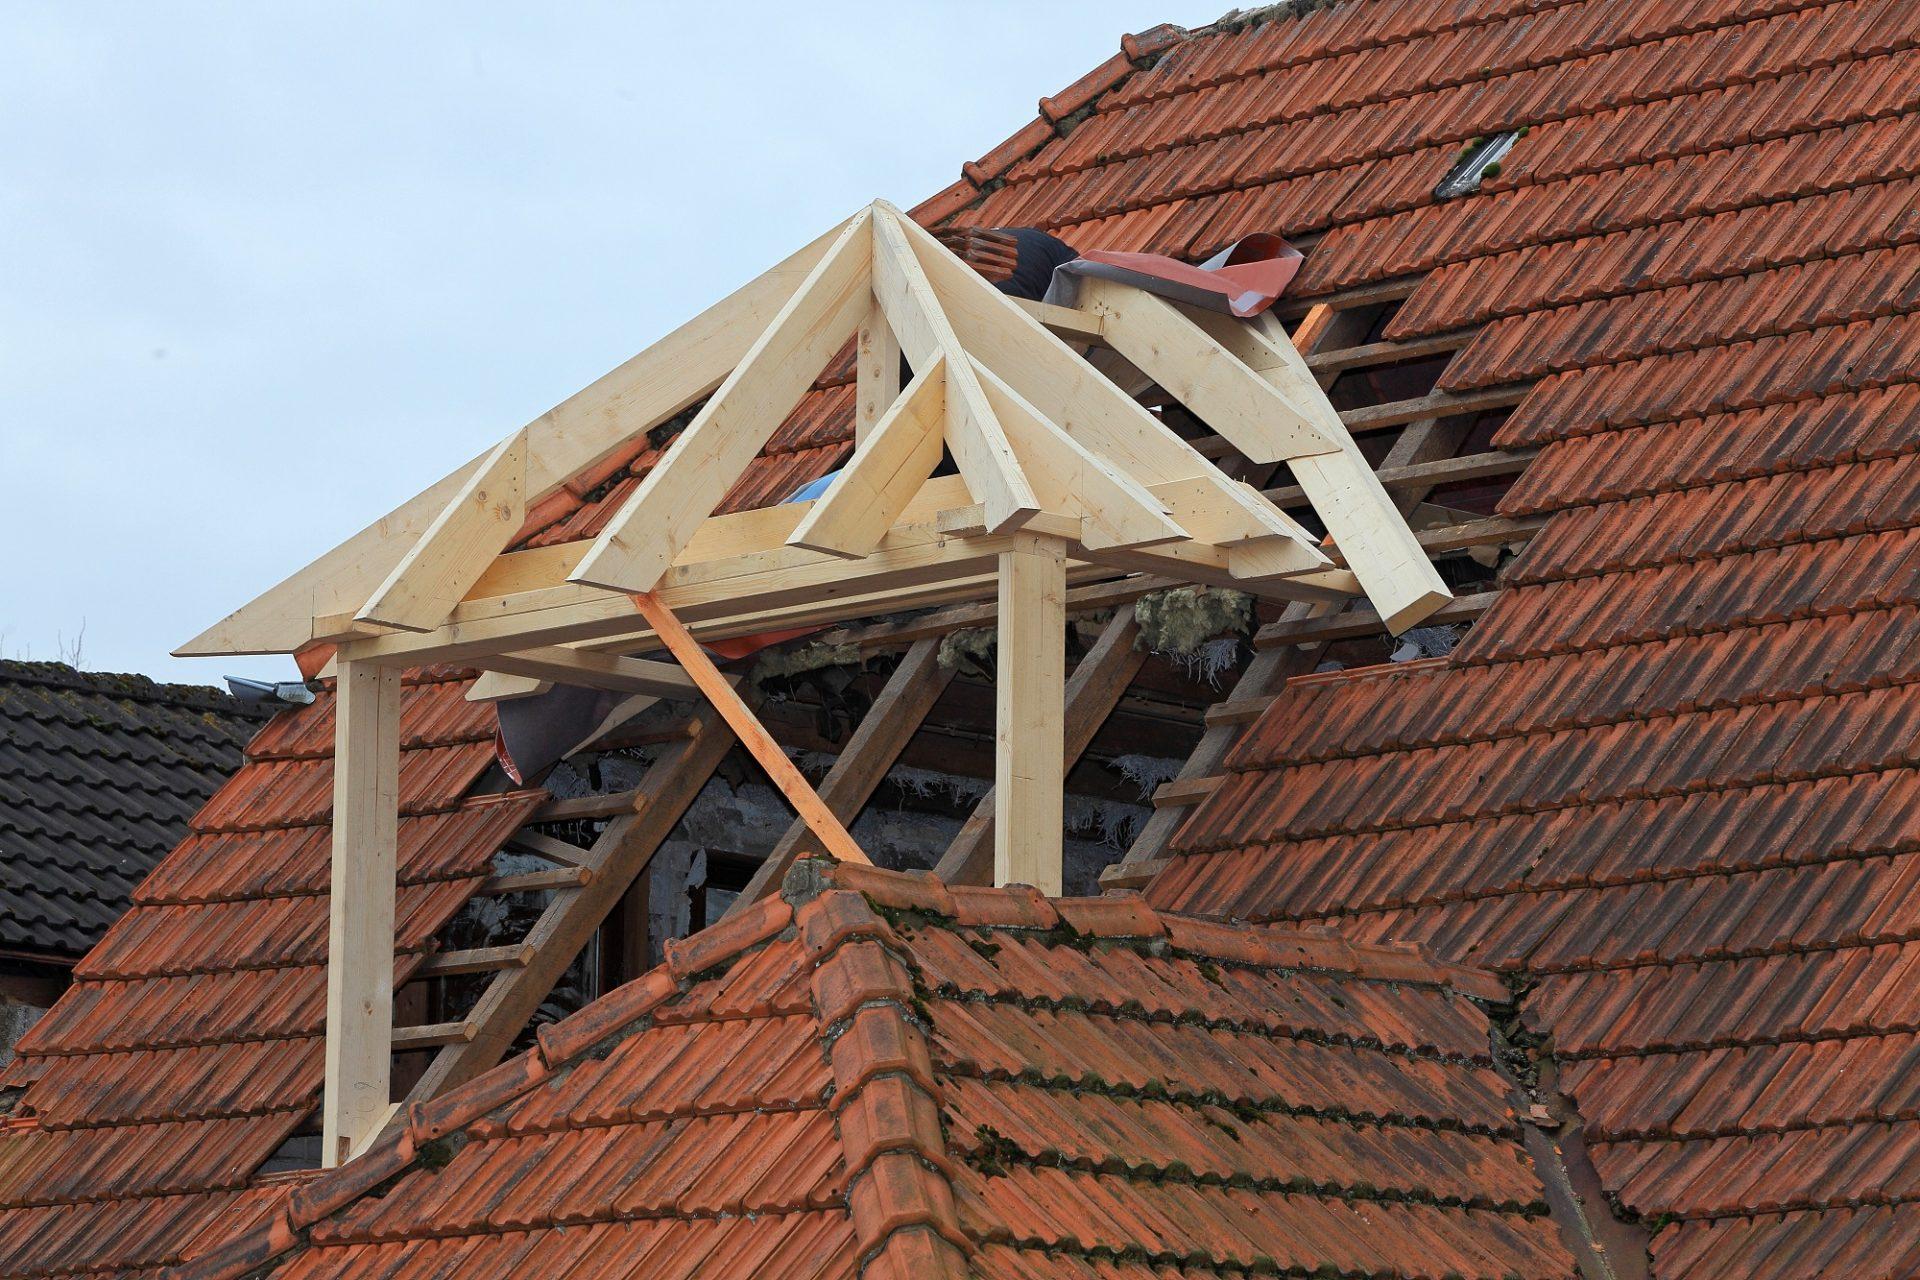 Oprava a rekonštrukcia strechy – zhrnutie základných krokov